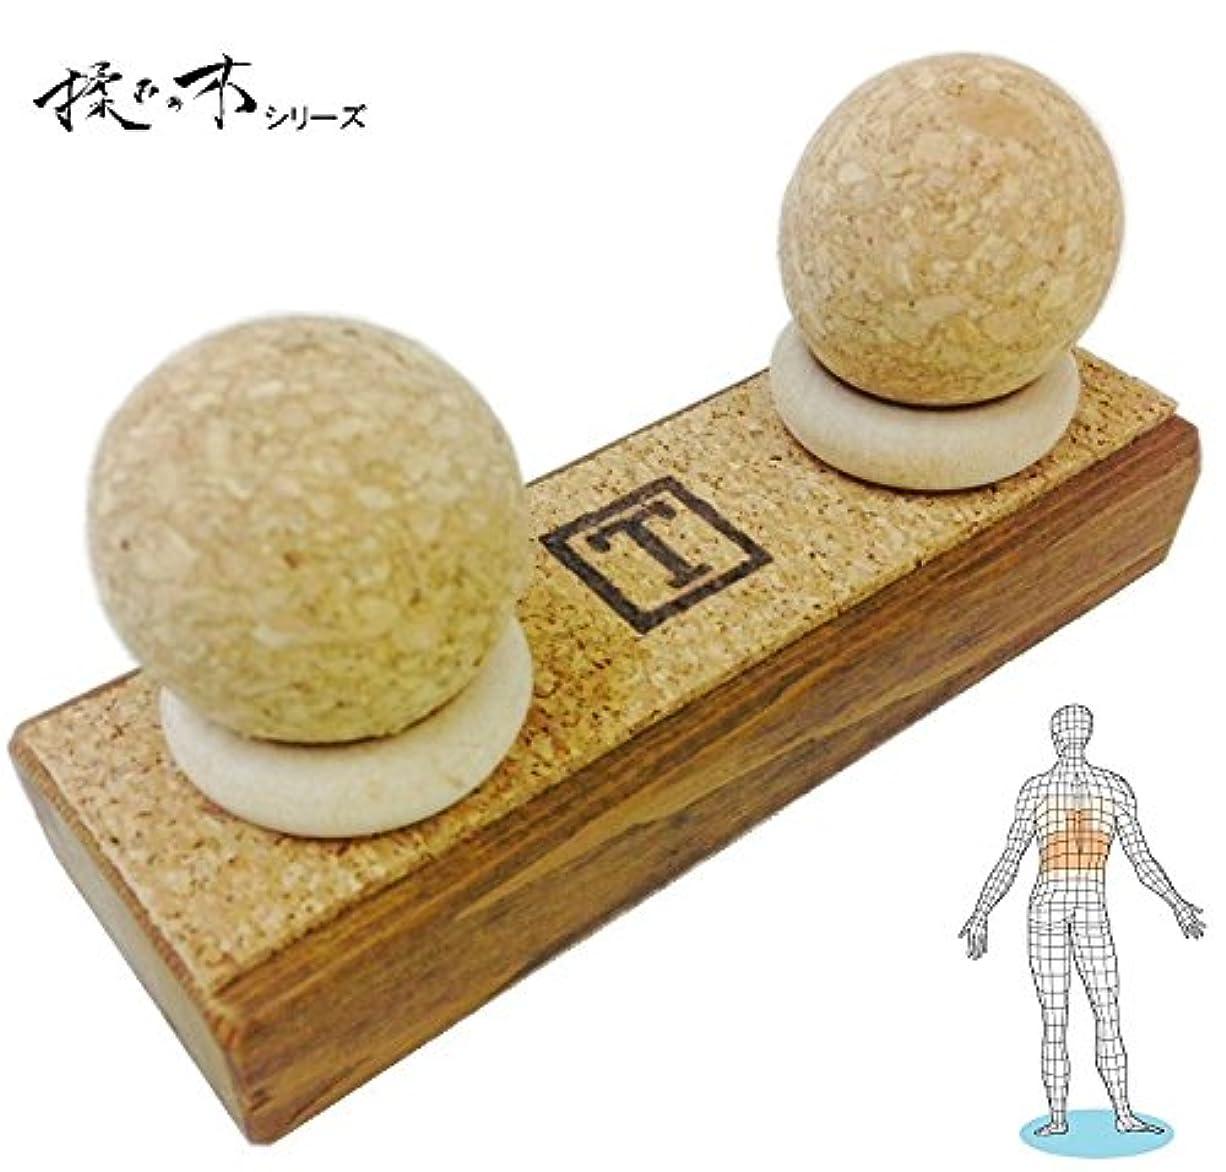 農民定義発送腰プロストレッチ Standard Type 背中下部から腰のセルフマッサージを強力にサポート